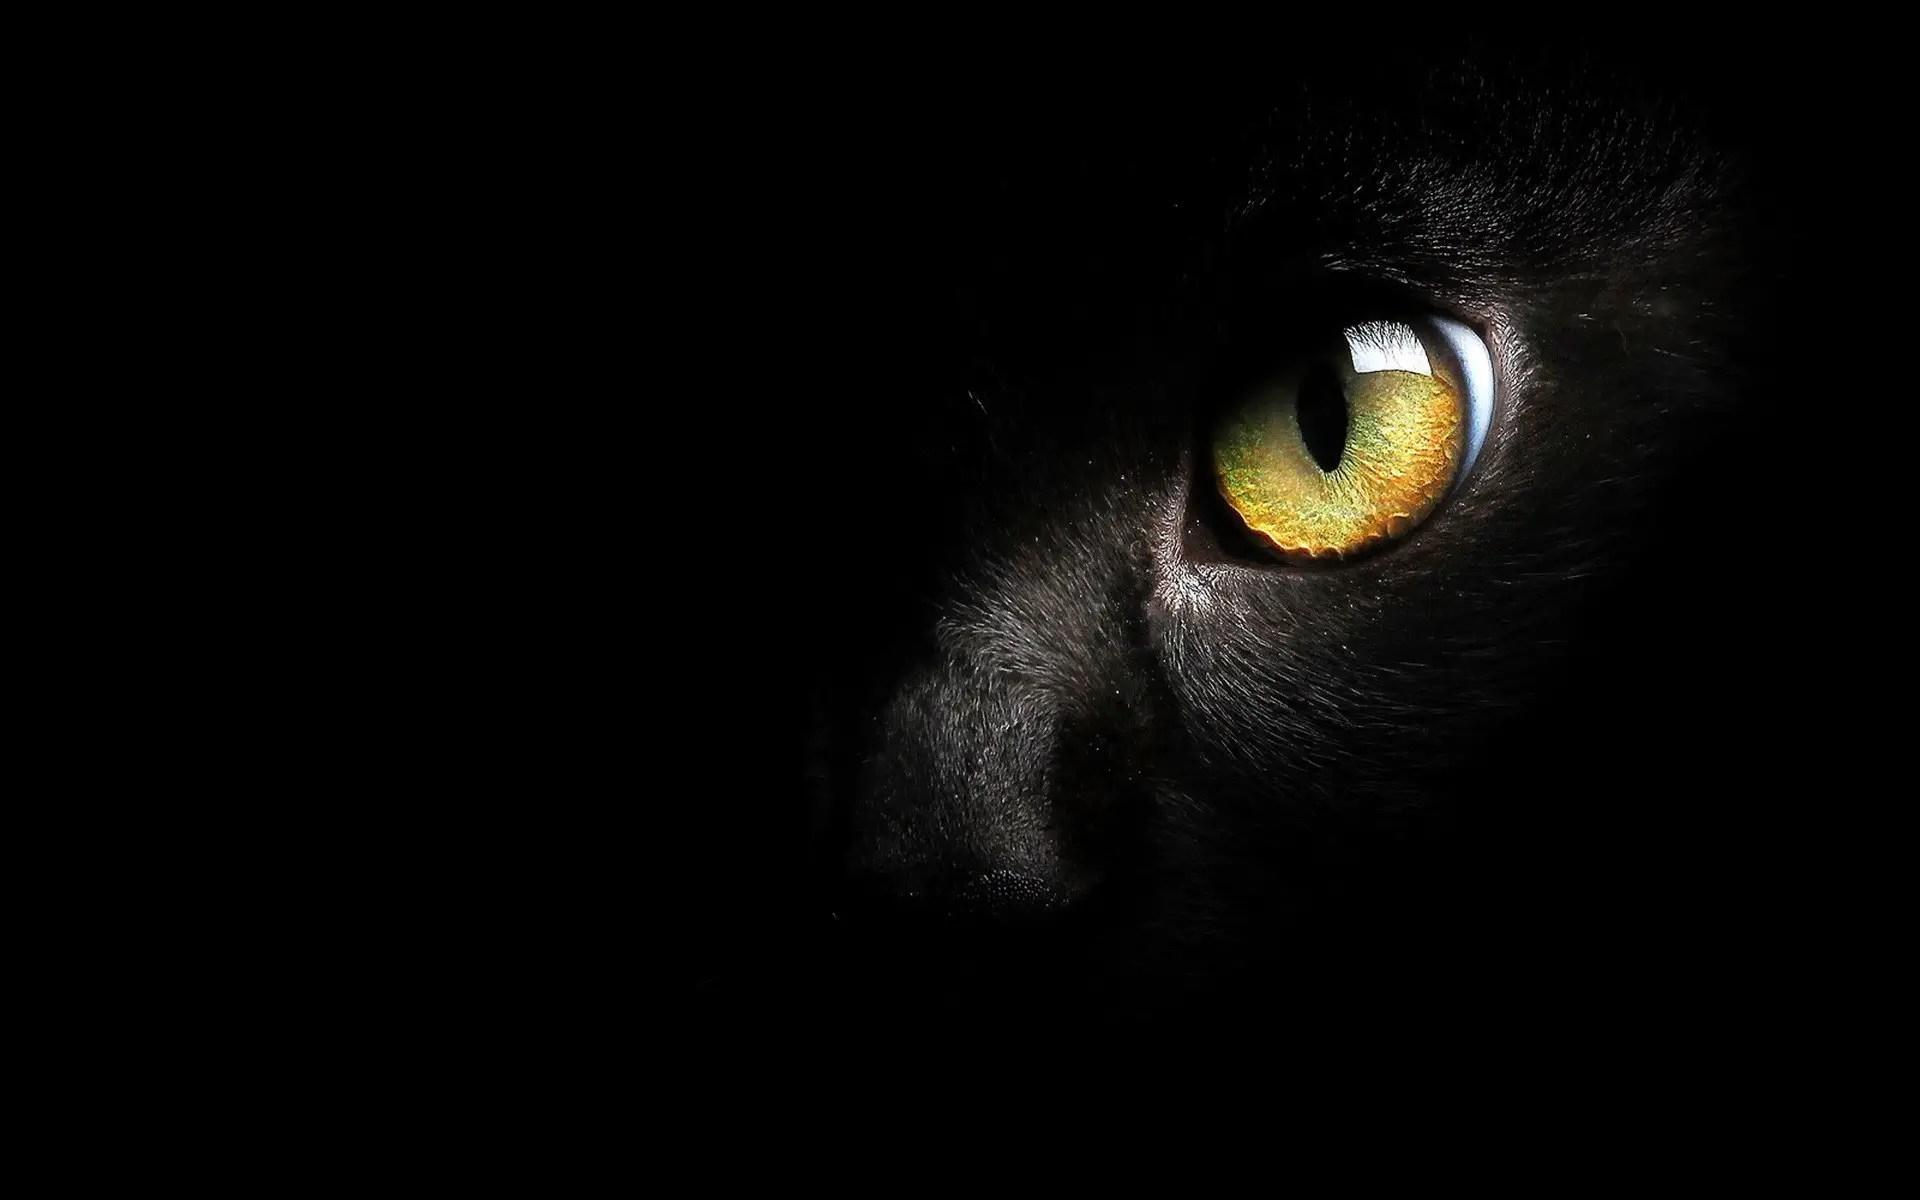 seul oeil de chat noir visible